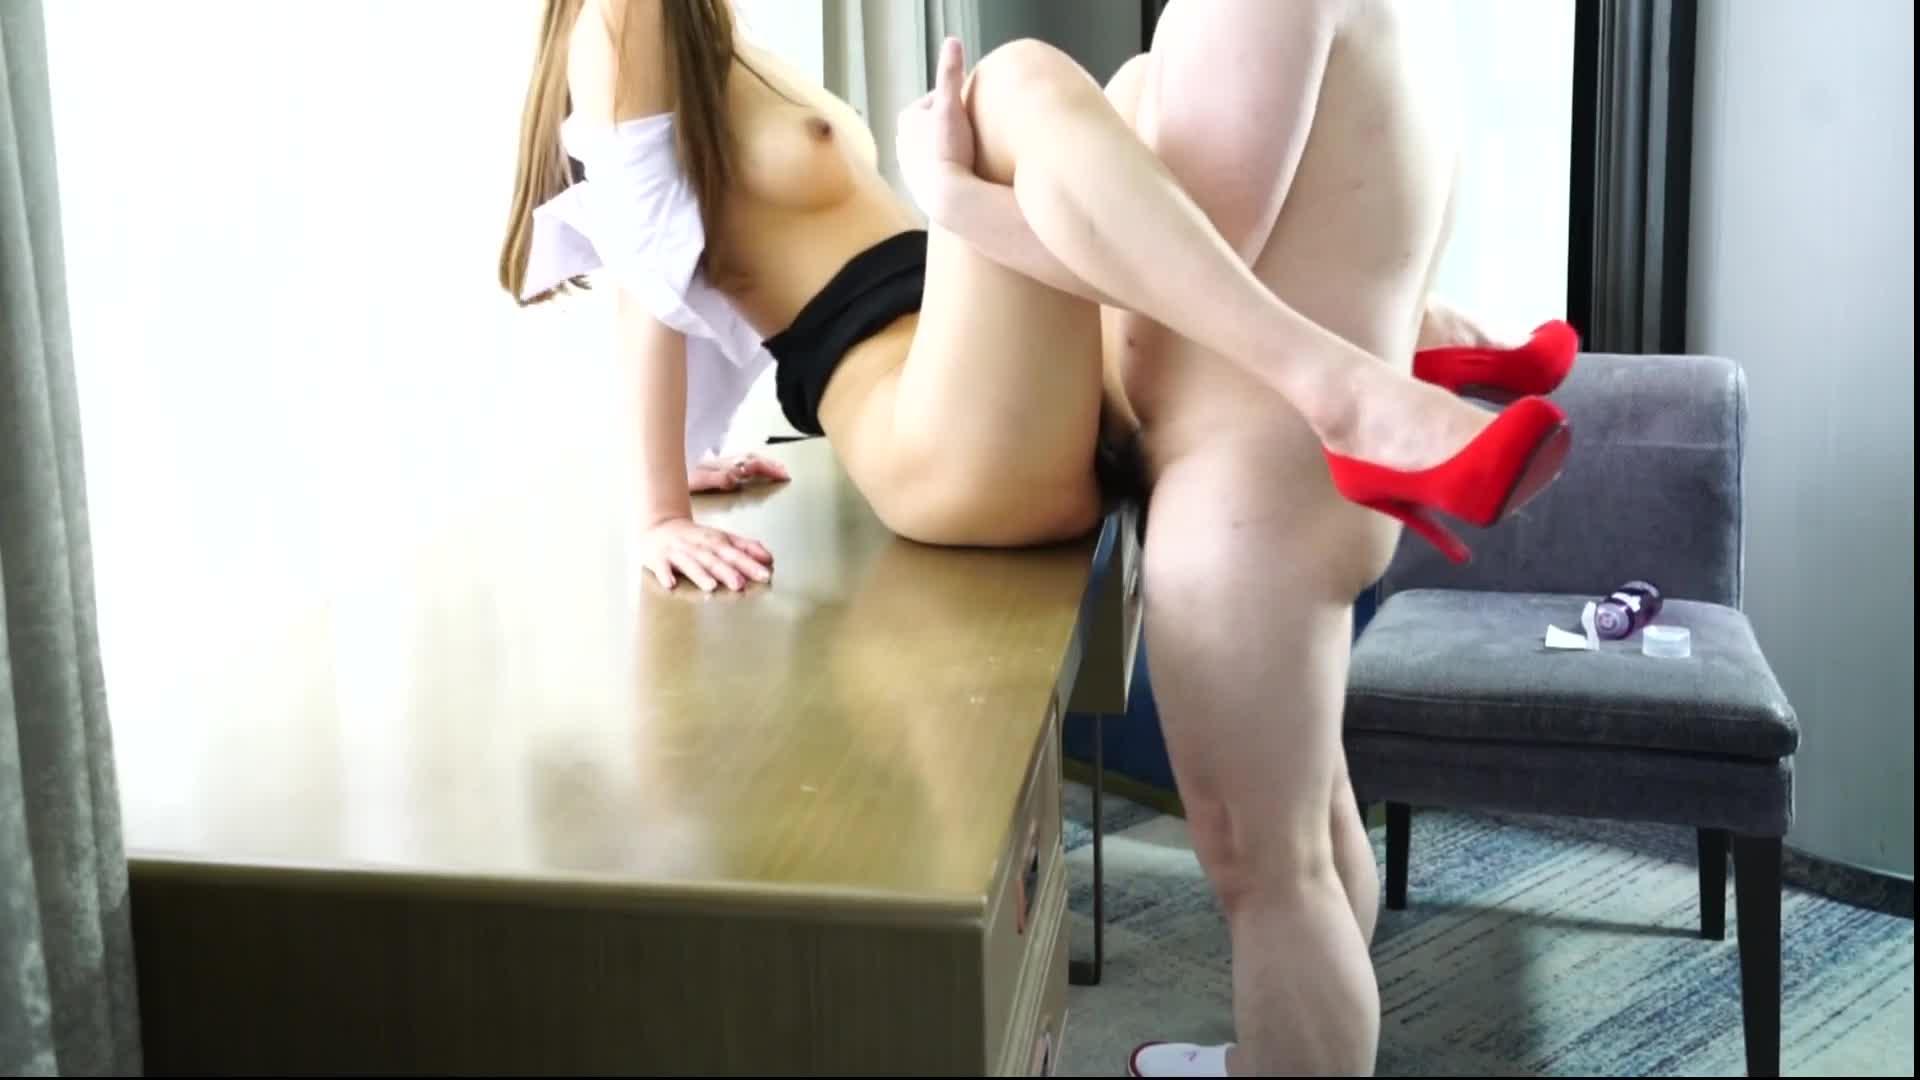 最新众筹高挑车模毛婷穿着制服红高跟被摄影师在桌子上干1080P高清无水印